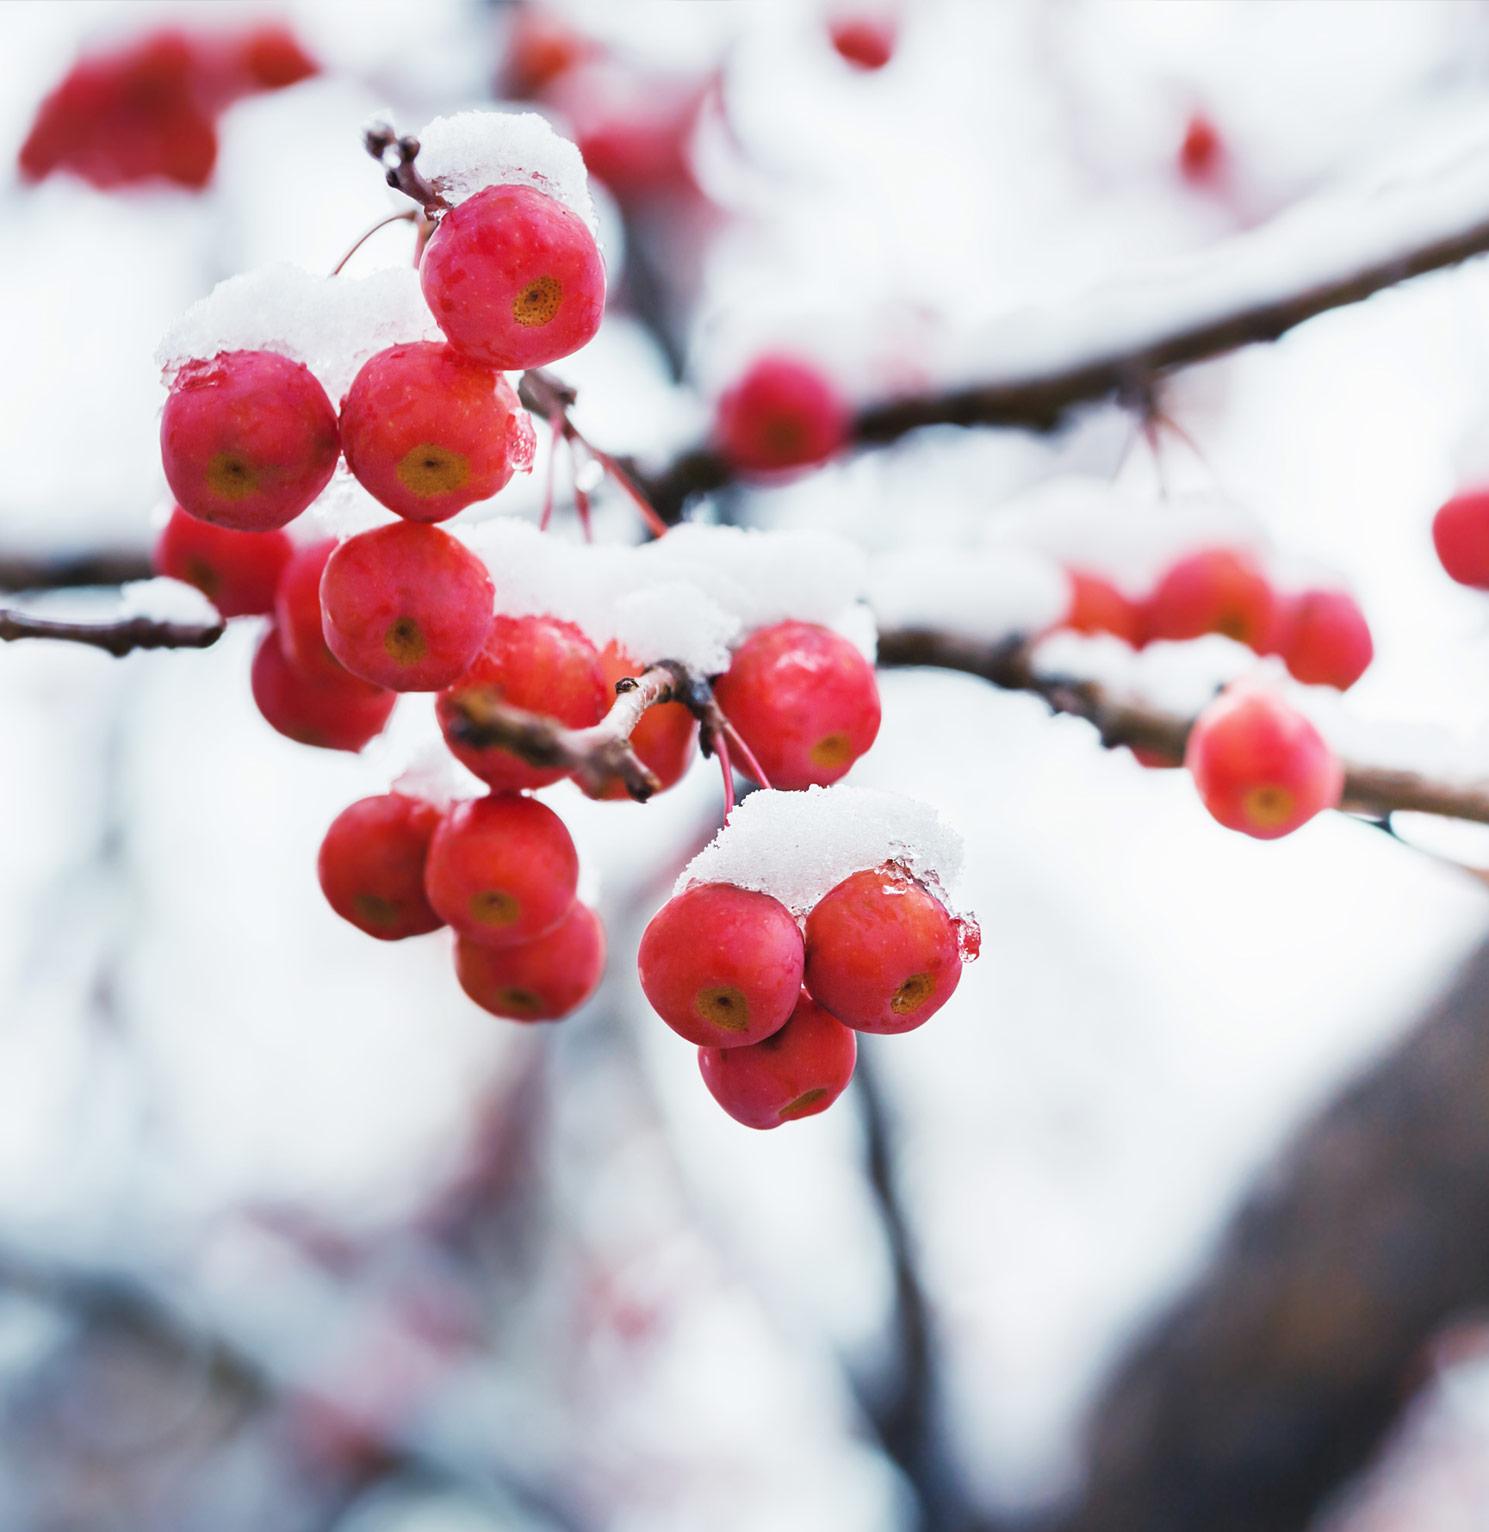 Punaisia marjoja talvisessa puussa